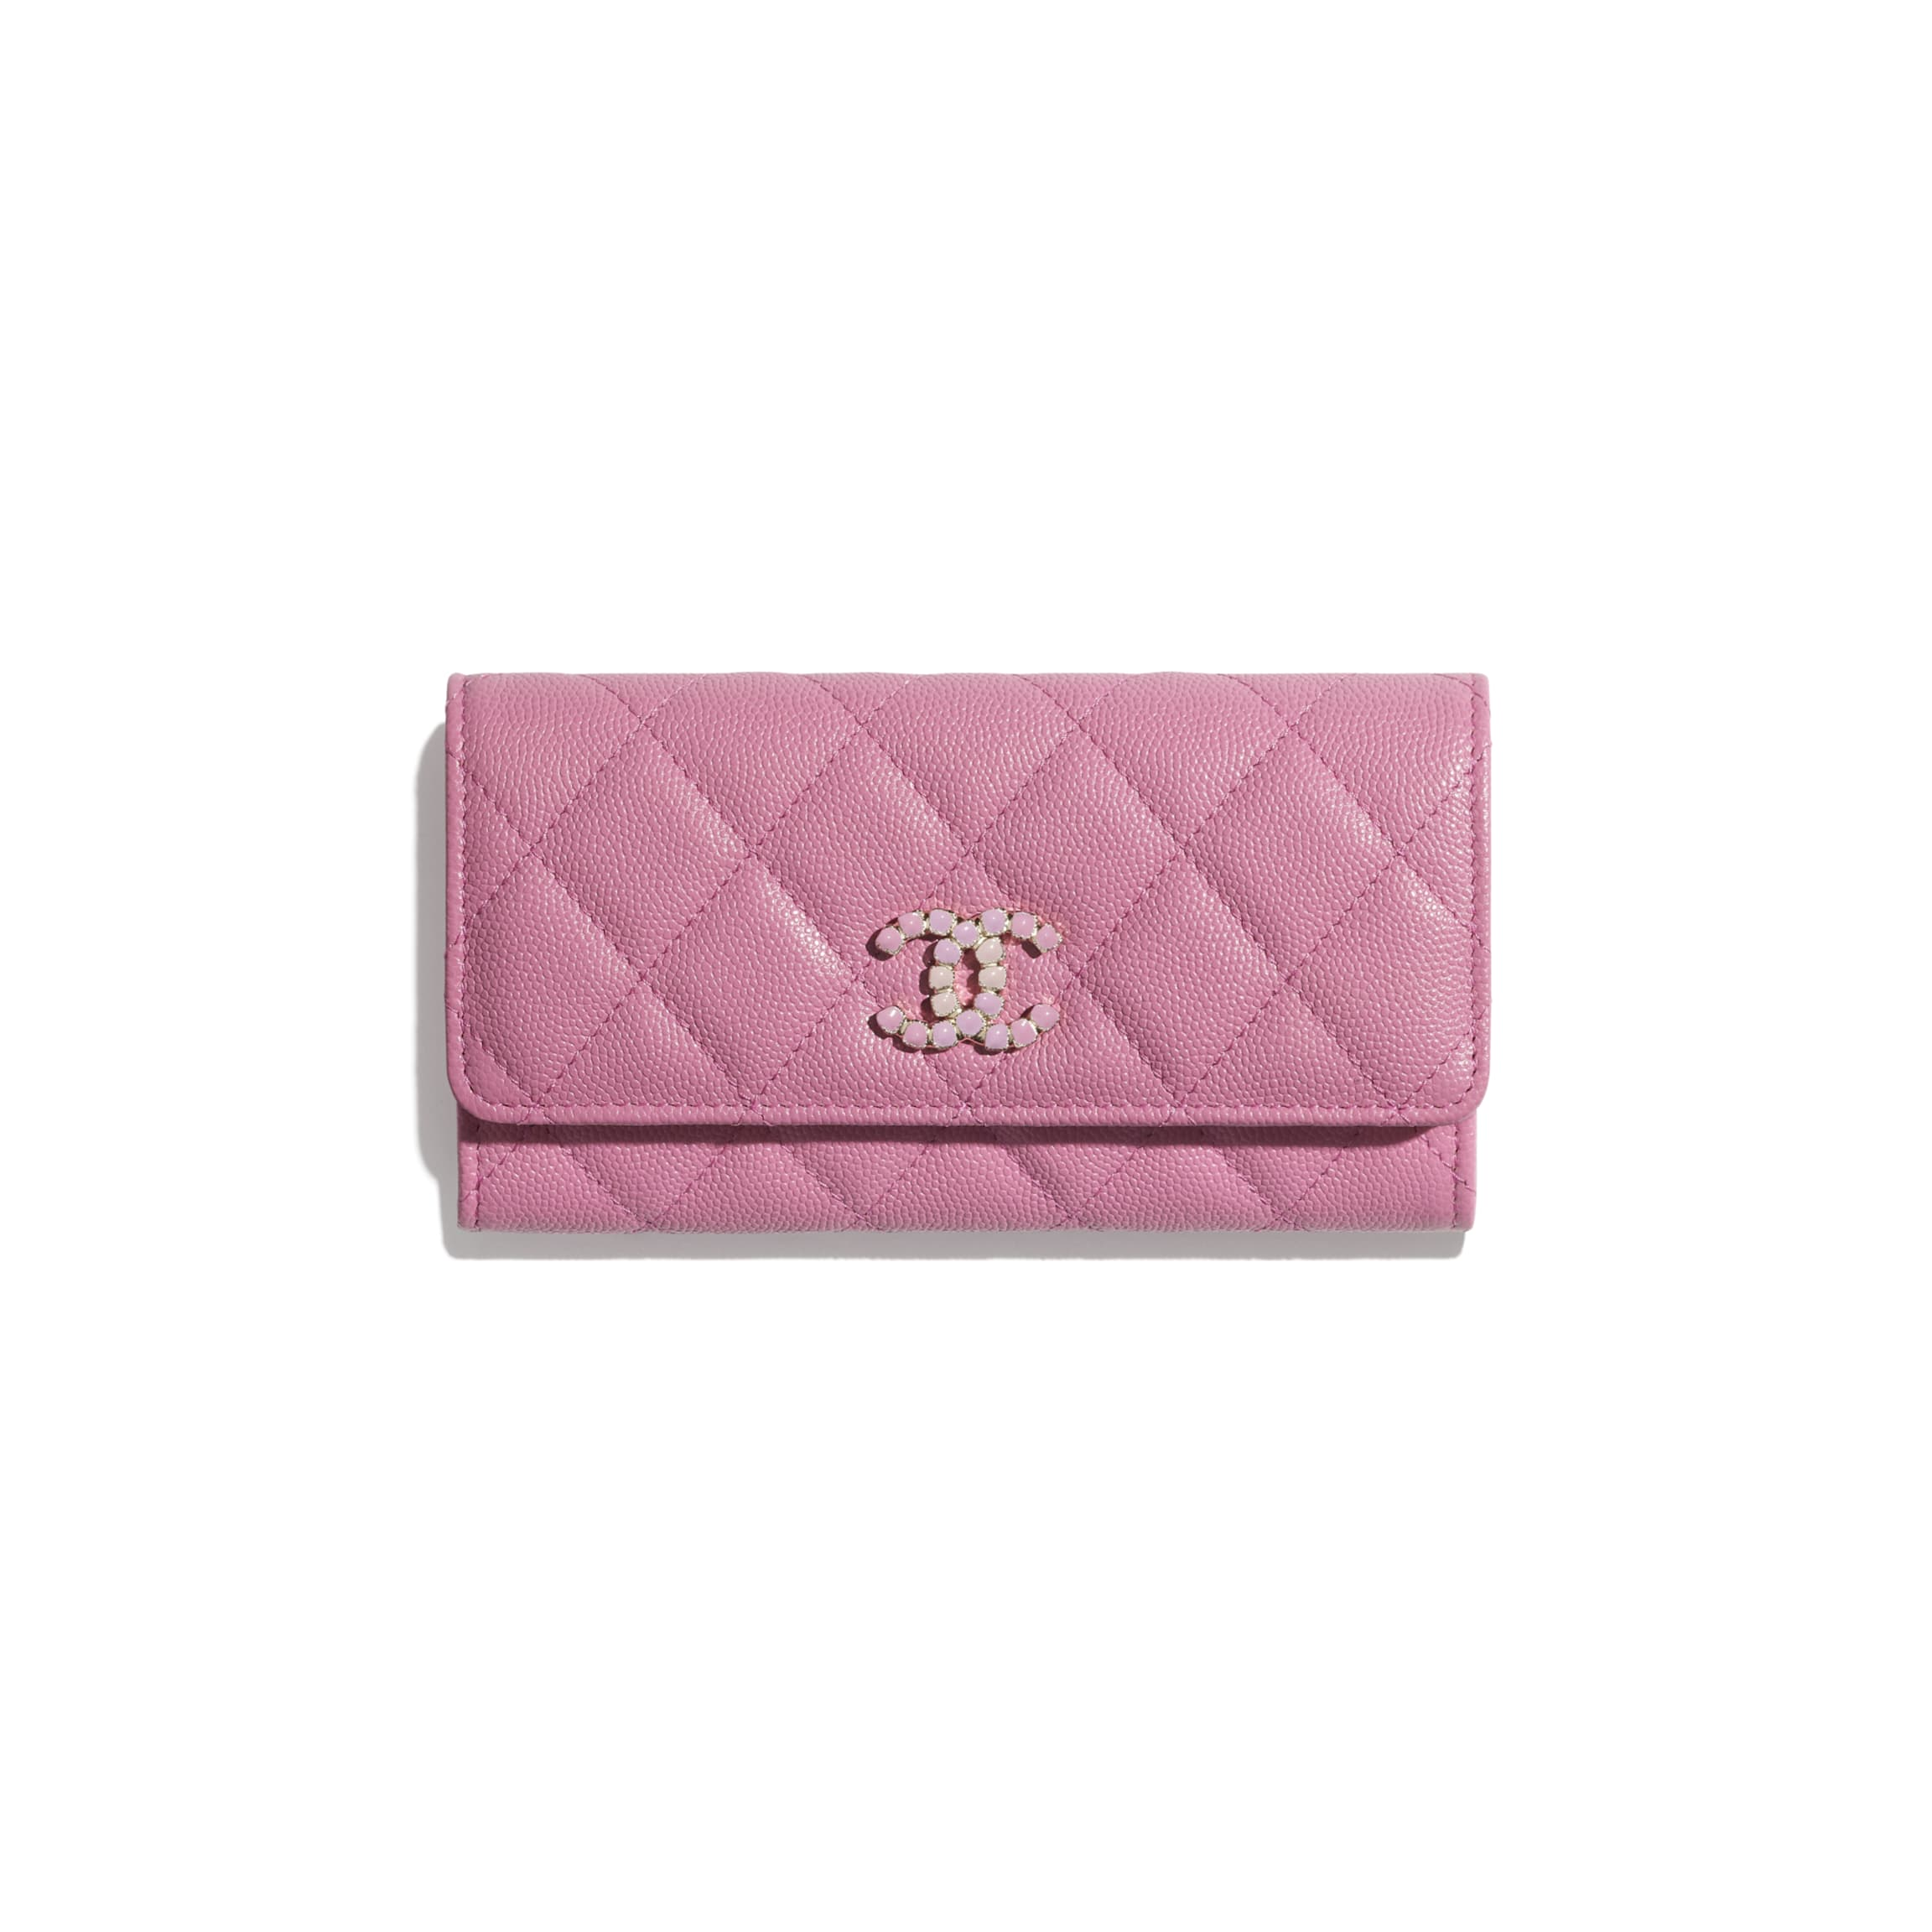 CHANEL 垂蓋銀包 粒紋小牛皮及漆面金色金屬 粉紅色 HK$7,900